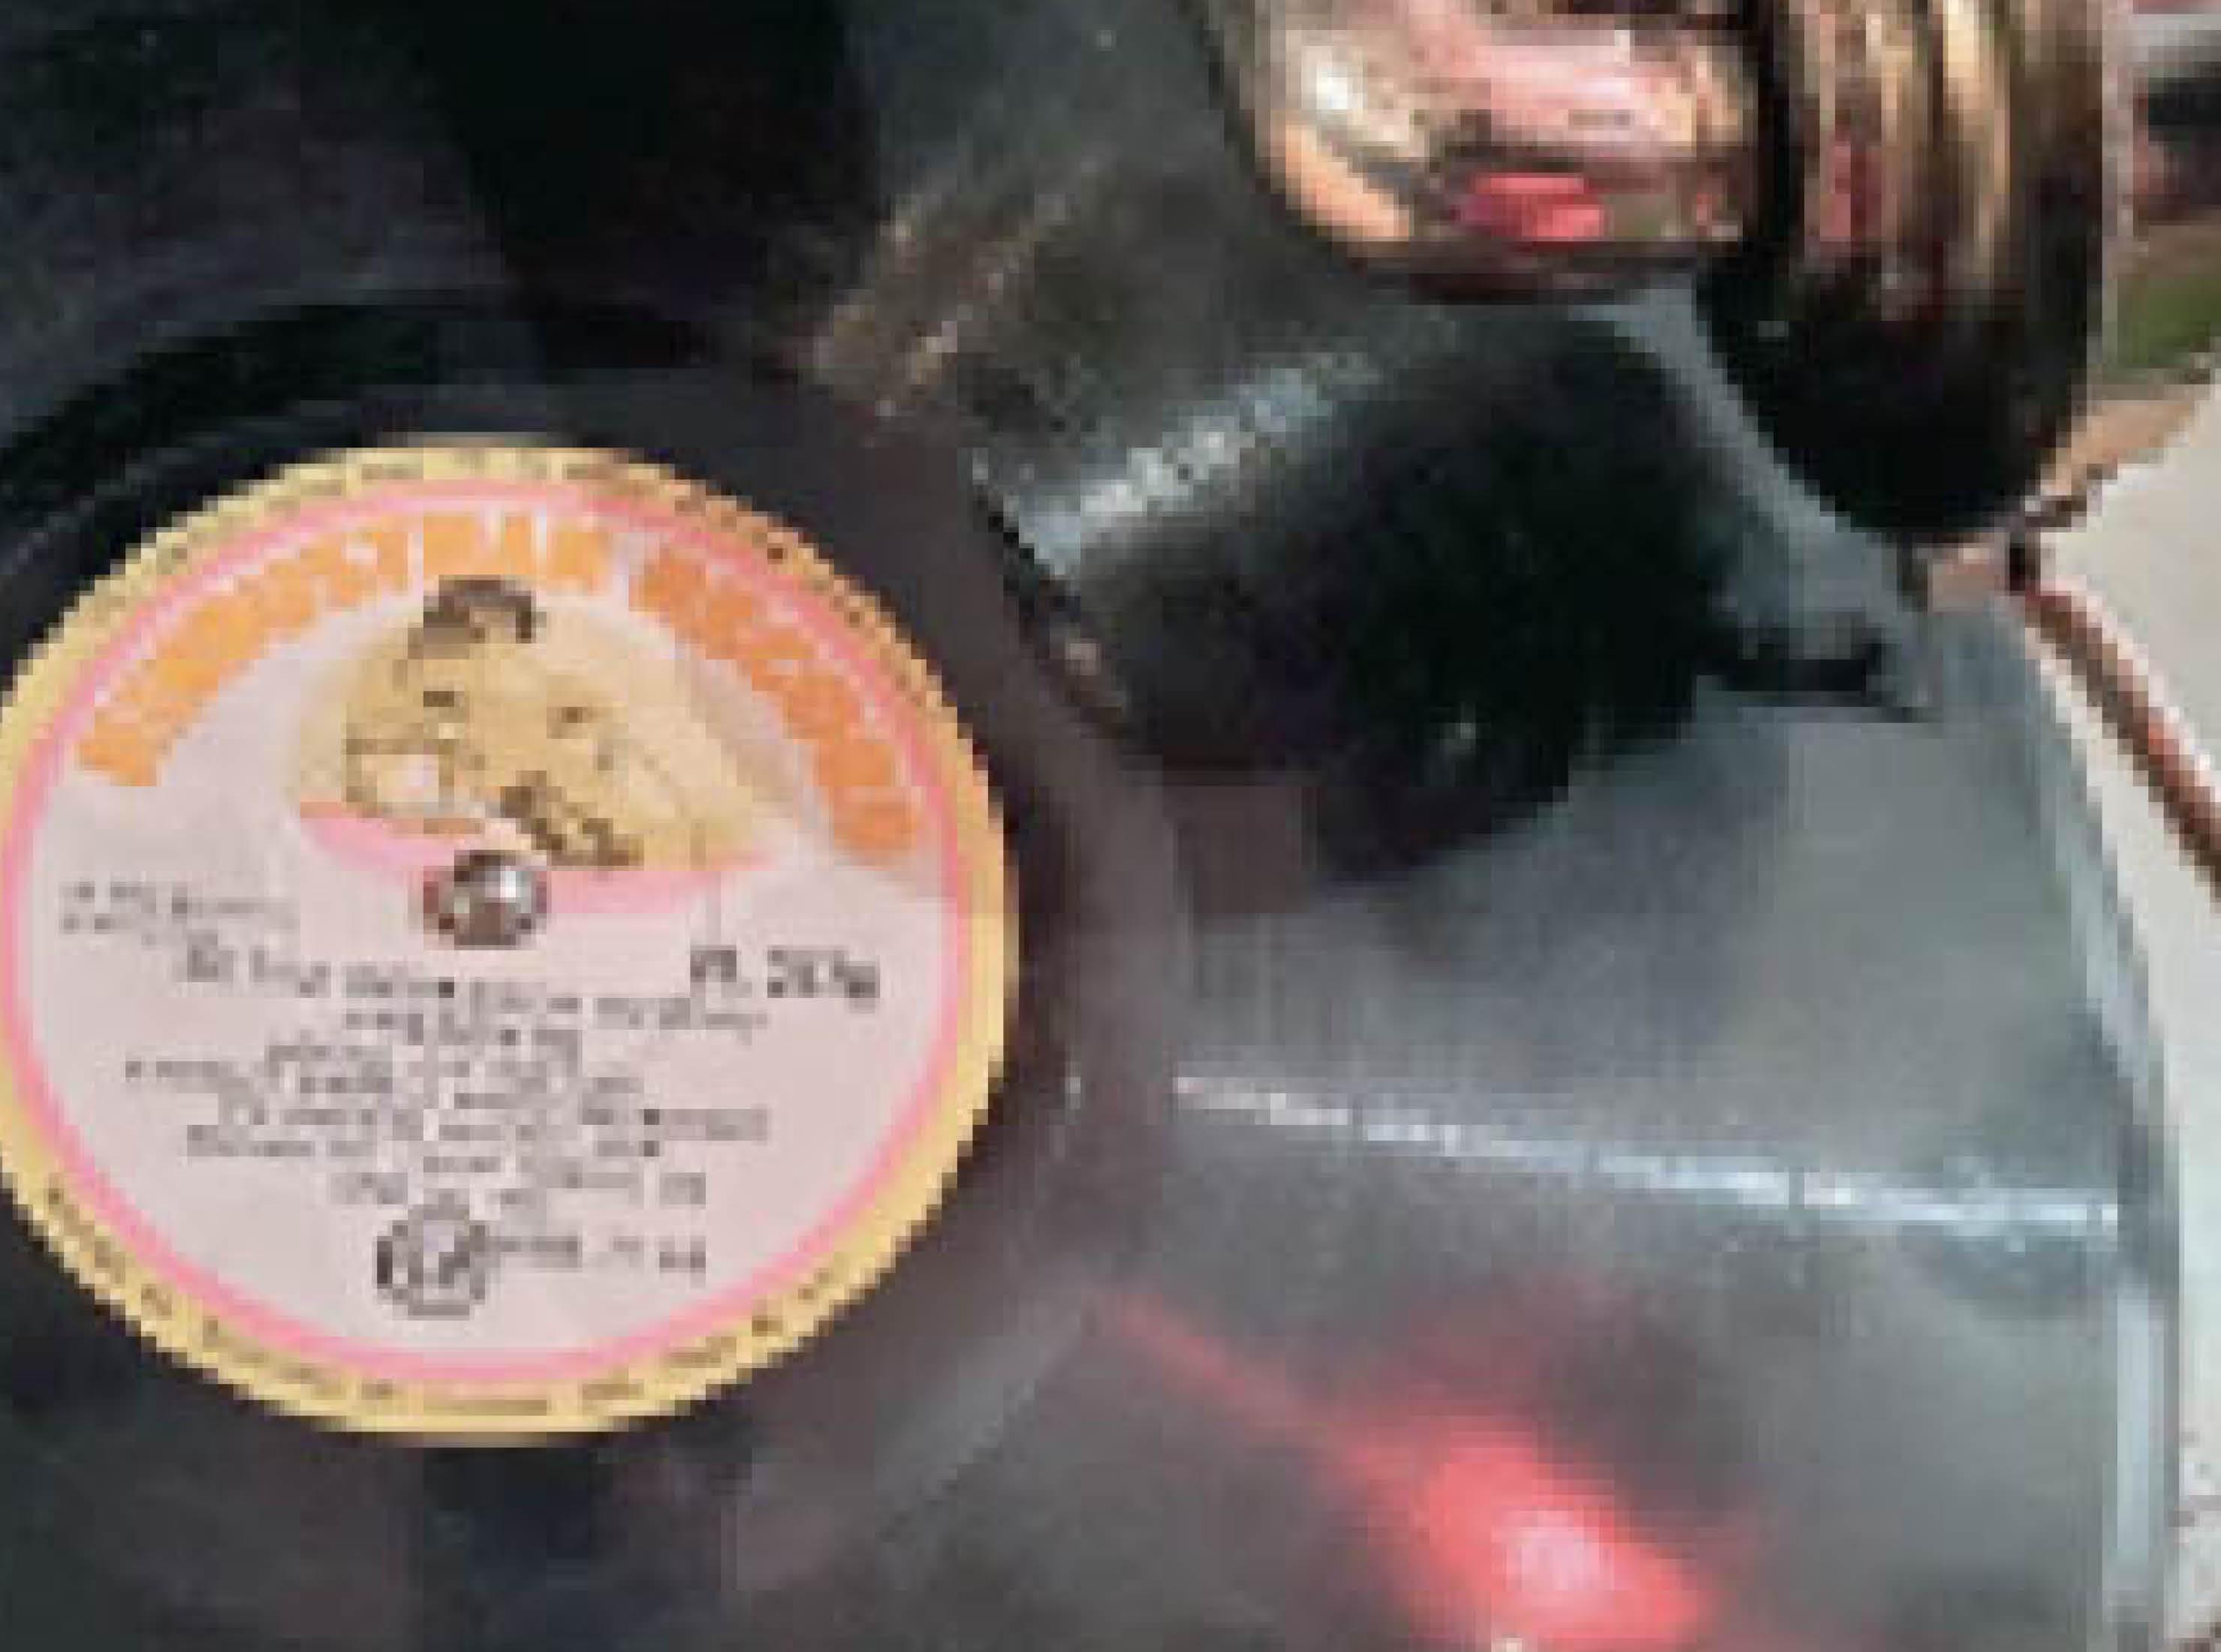 सुभाषचंद्र बोस के मूल भाषण की रिकॉर्ड।